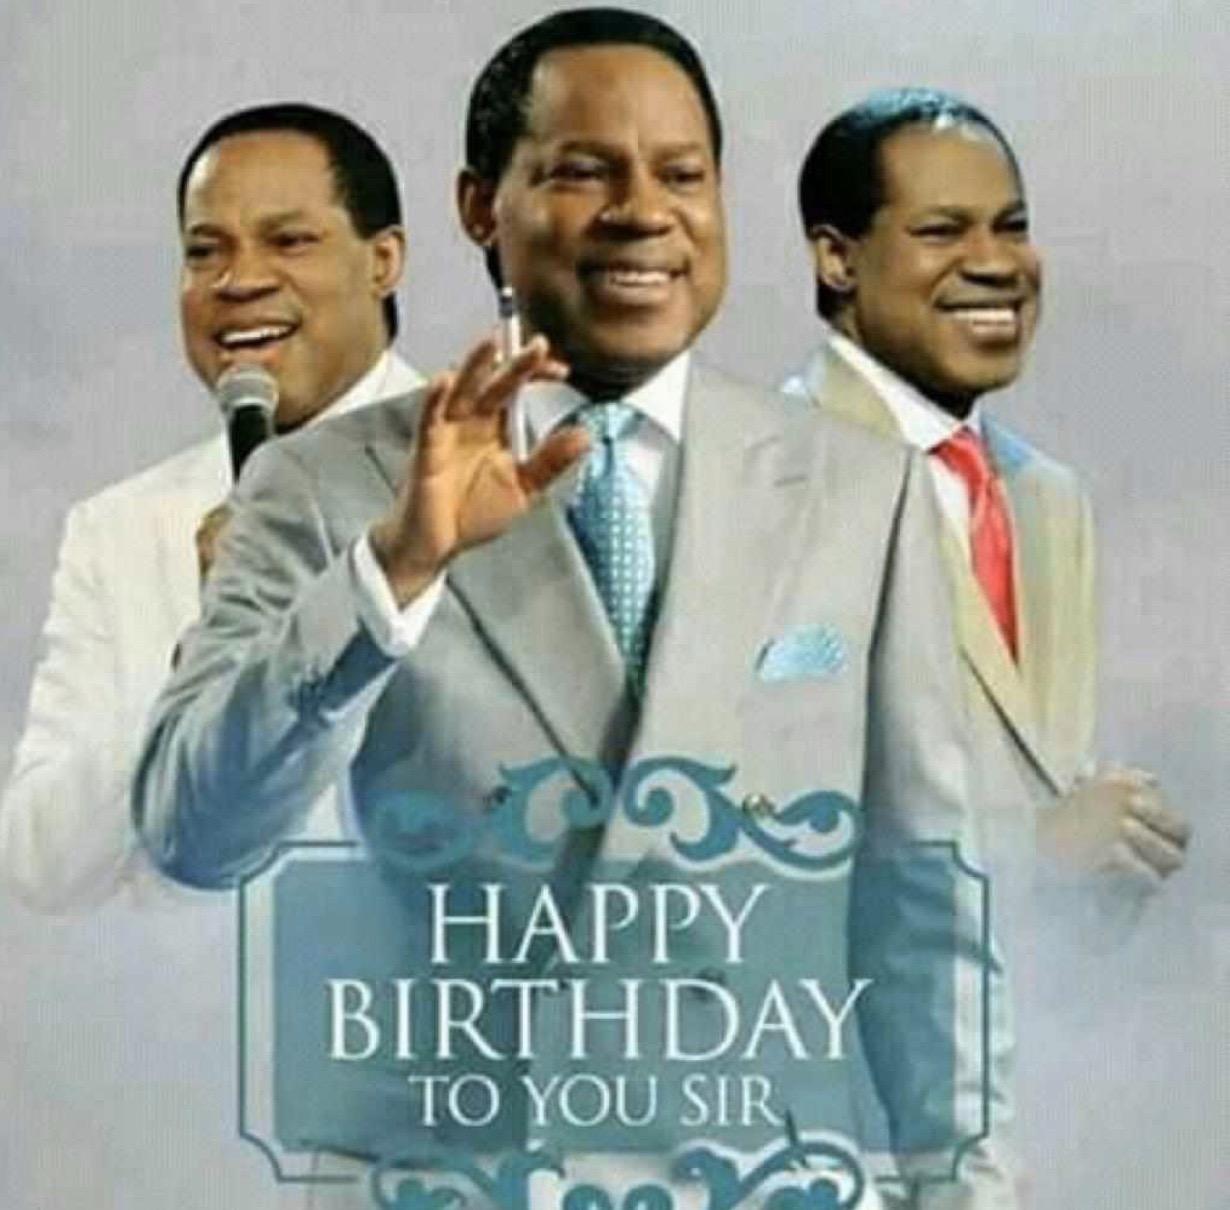 Happy Birthday Sir!